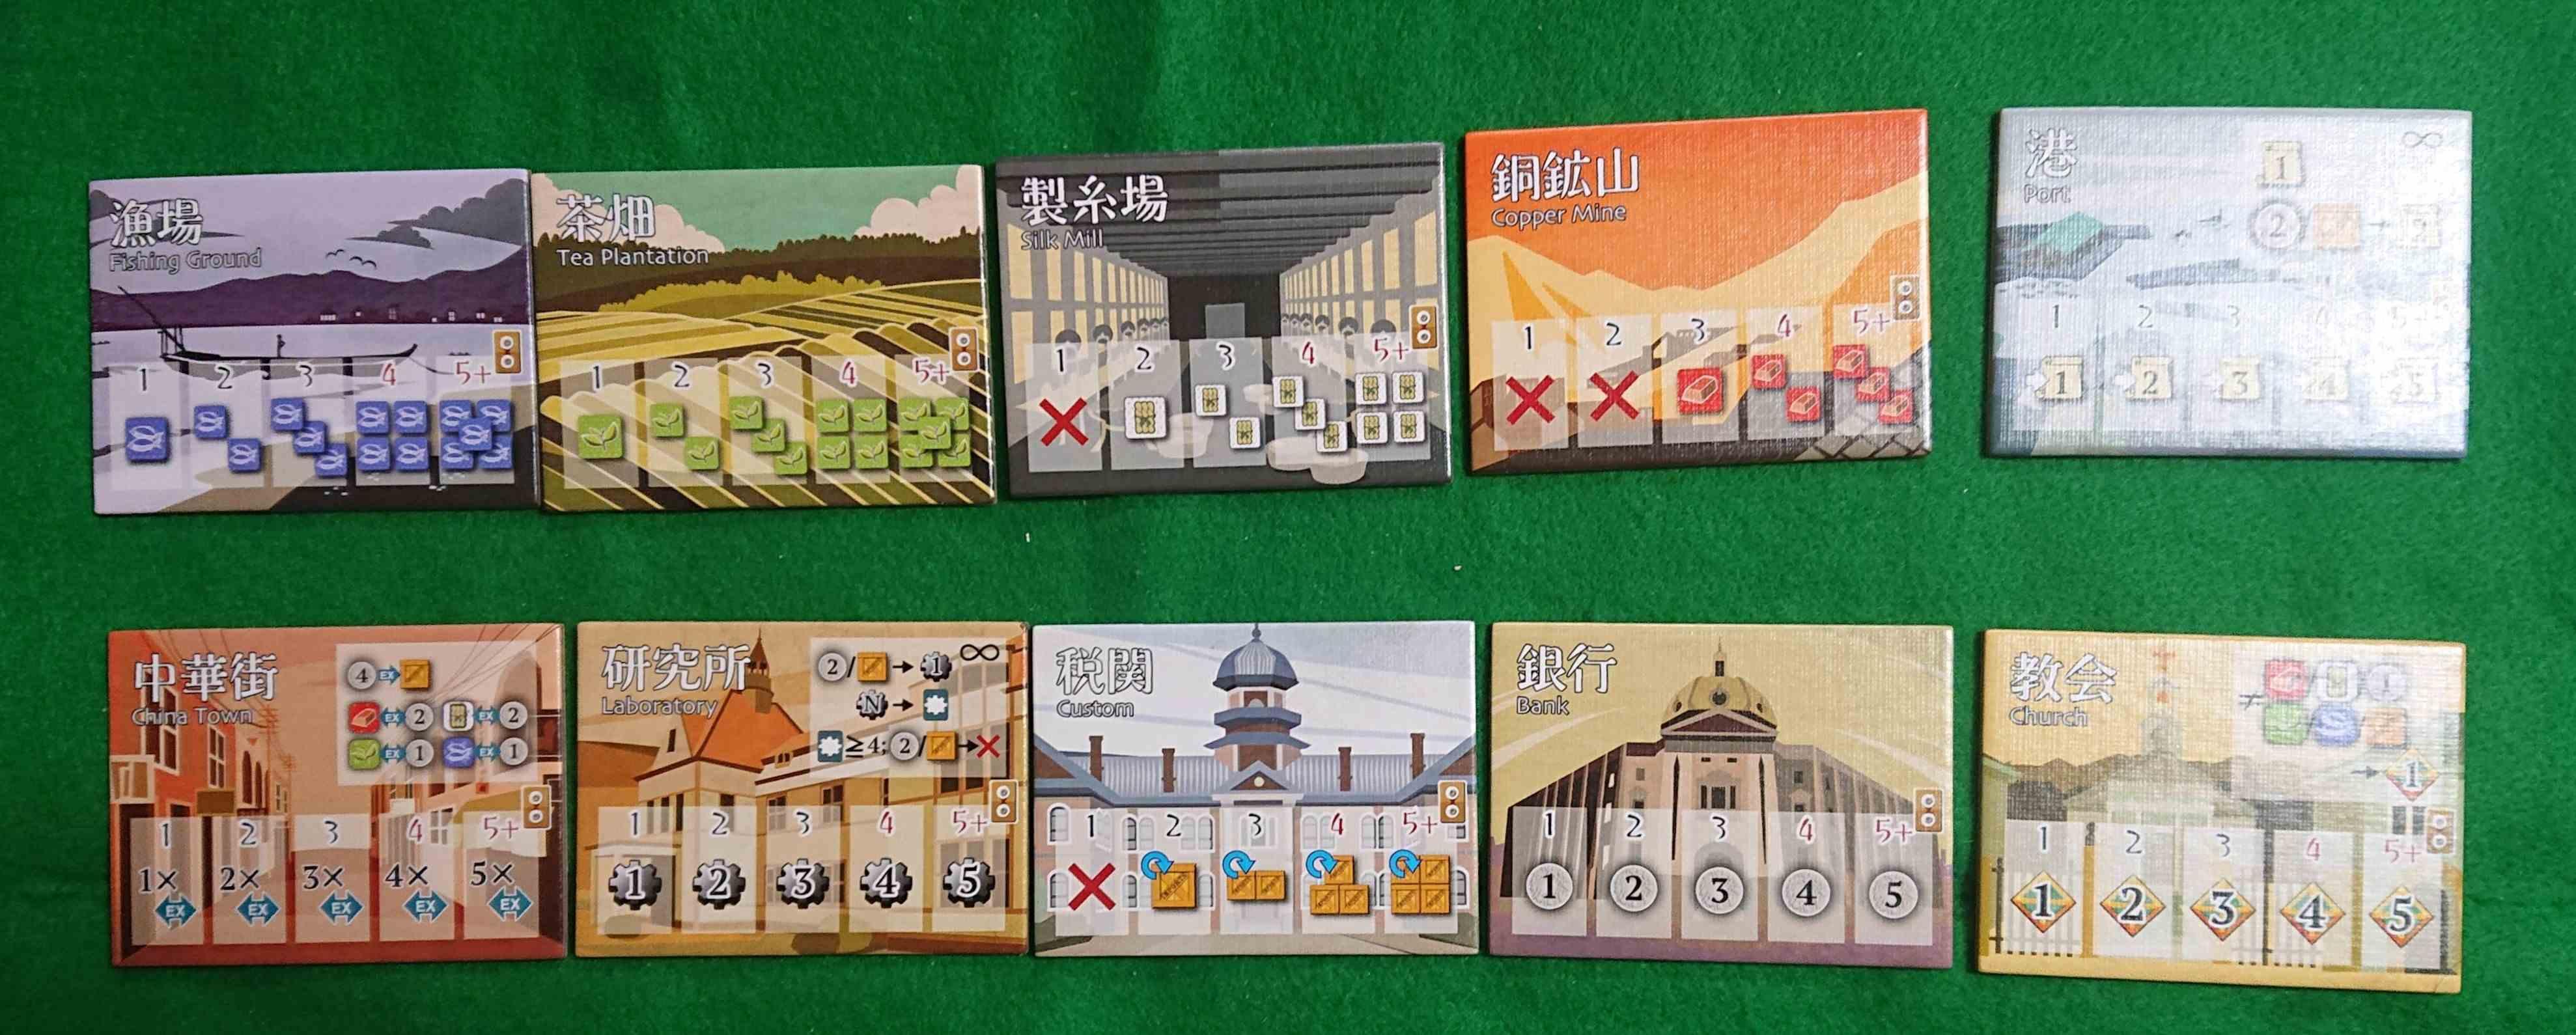 横浜紳商伝DUEL 評判の良い「横浜紳商伝」が2人専用になりました! ルール説明・感想 ボードゲーム